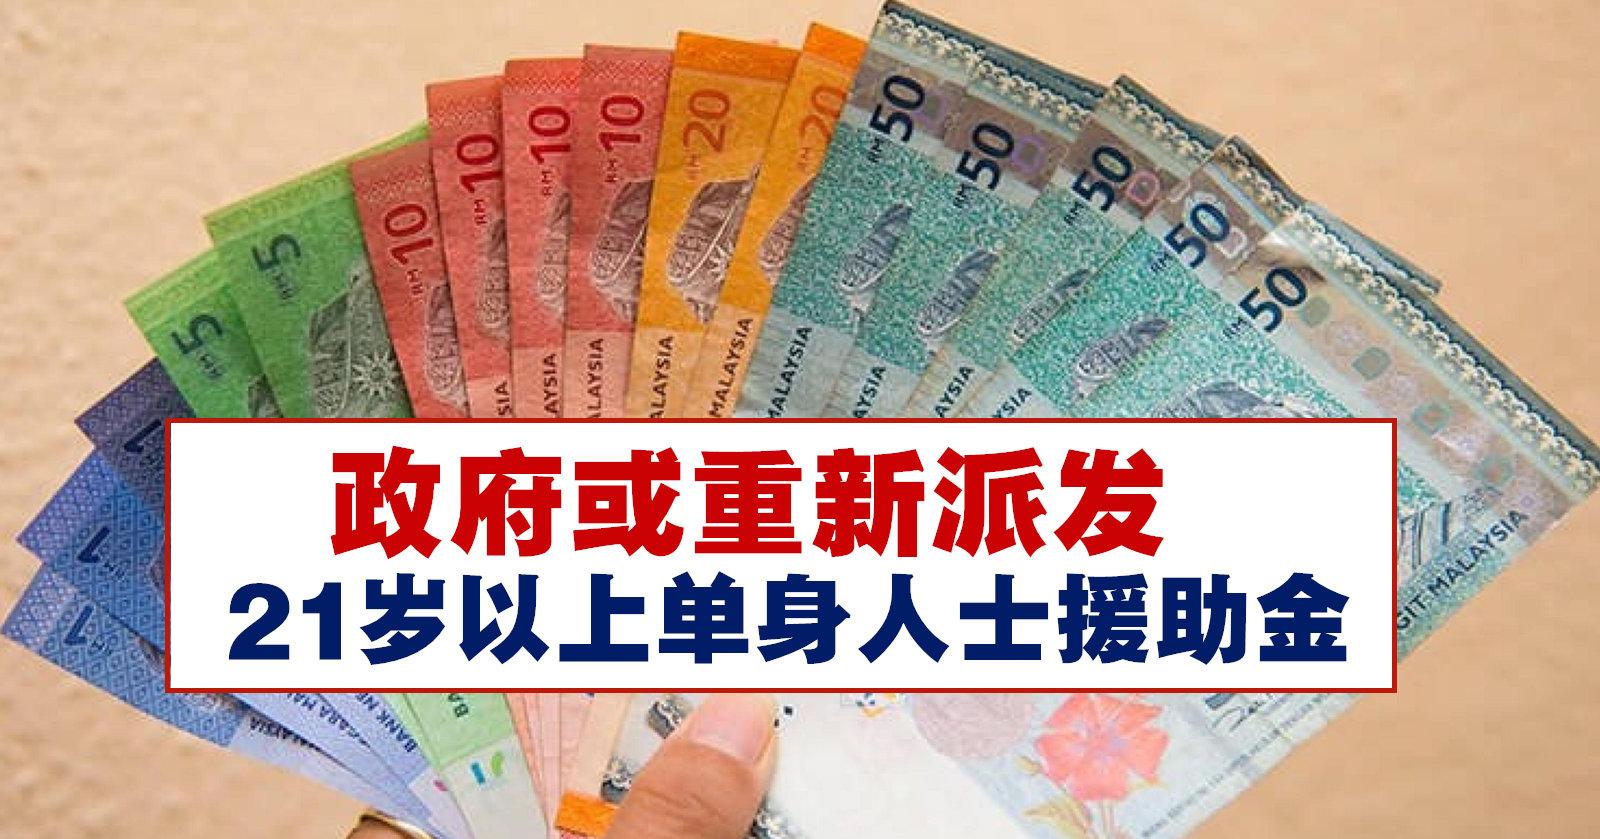 慕尤丁建议重新派发单身人士援助金